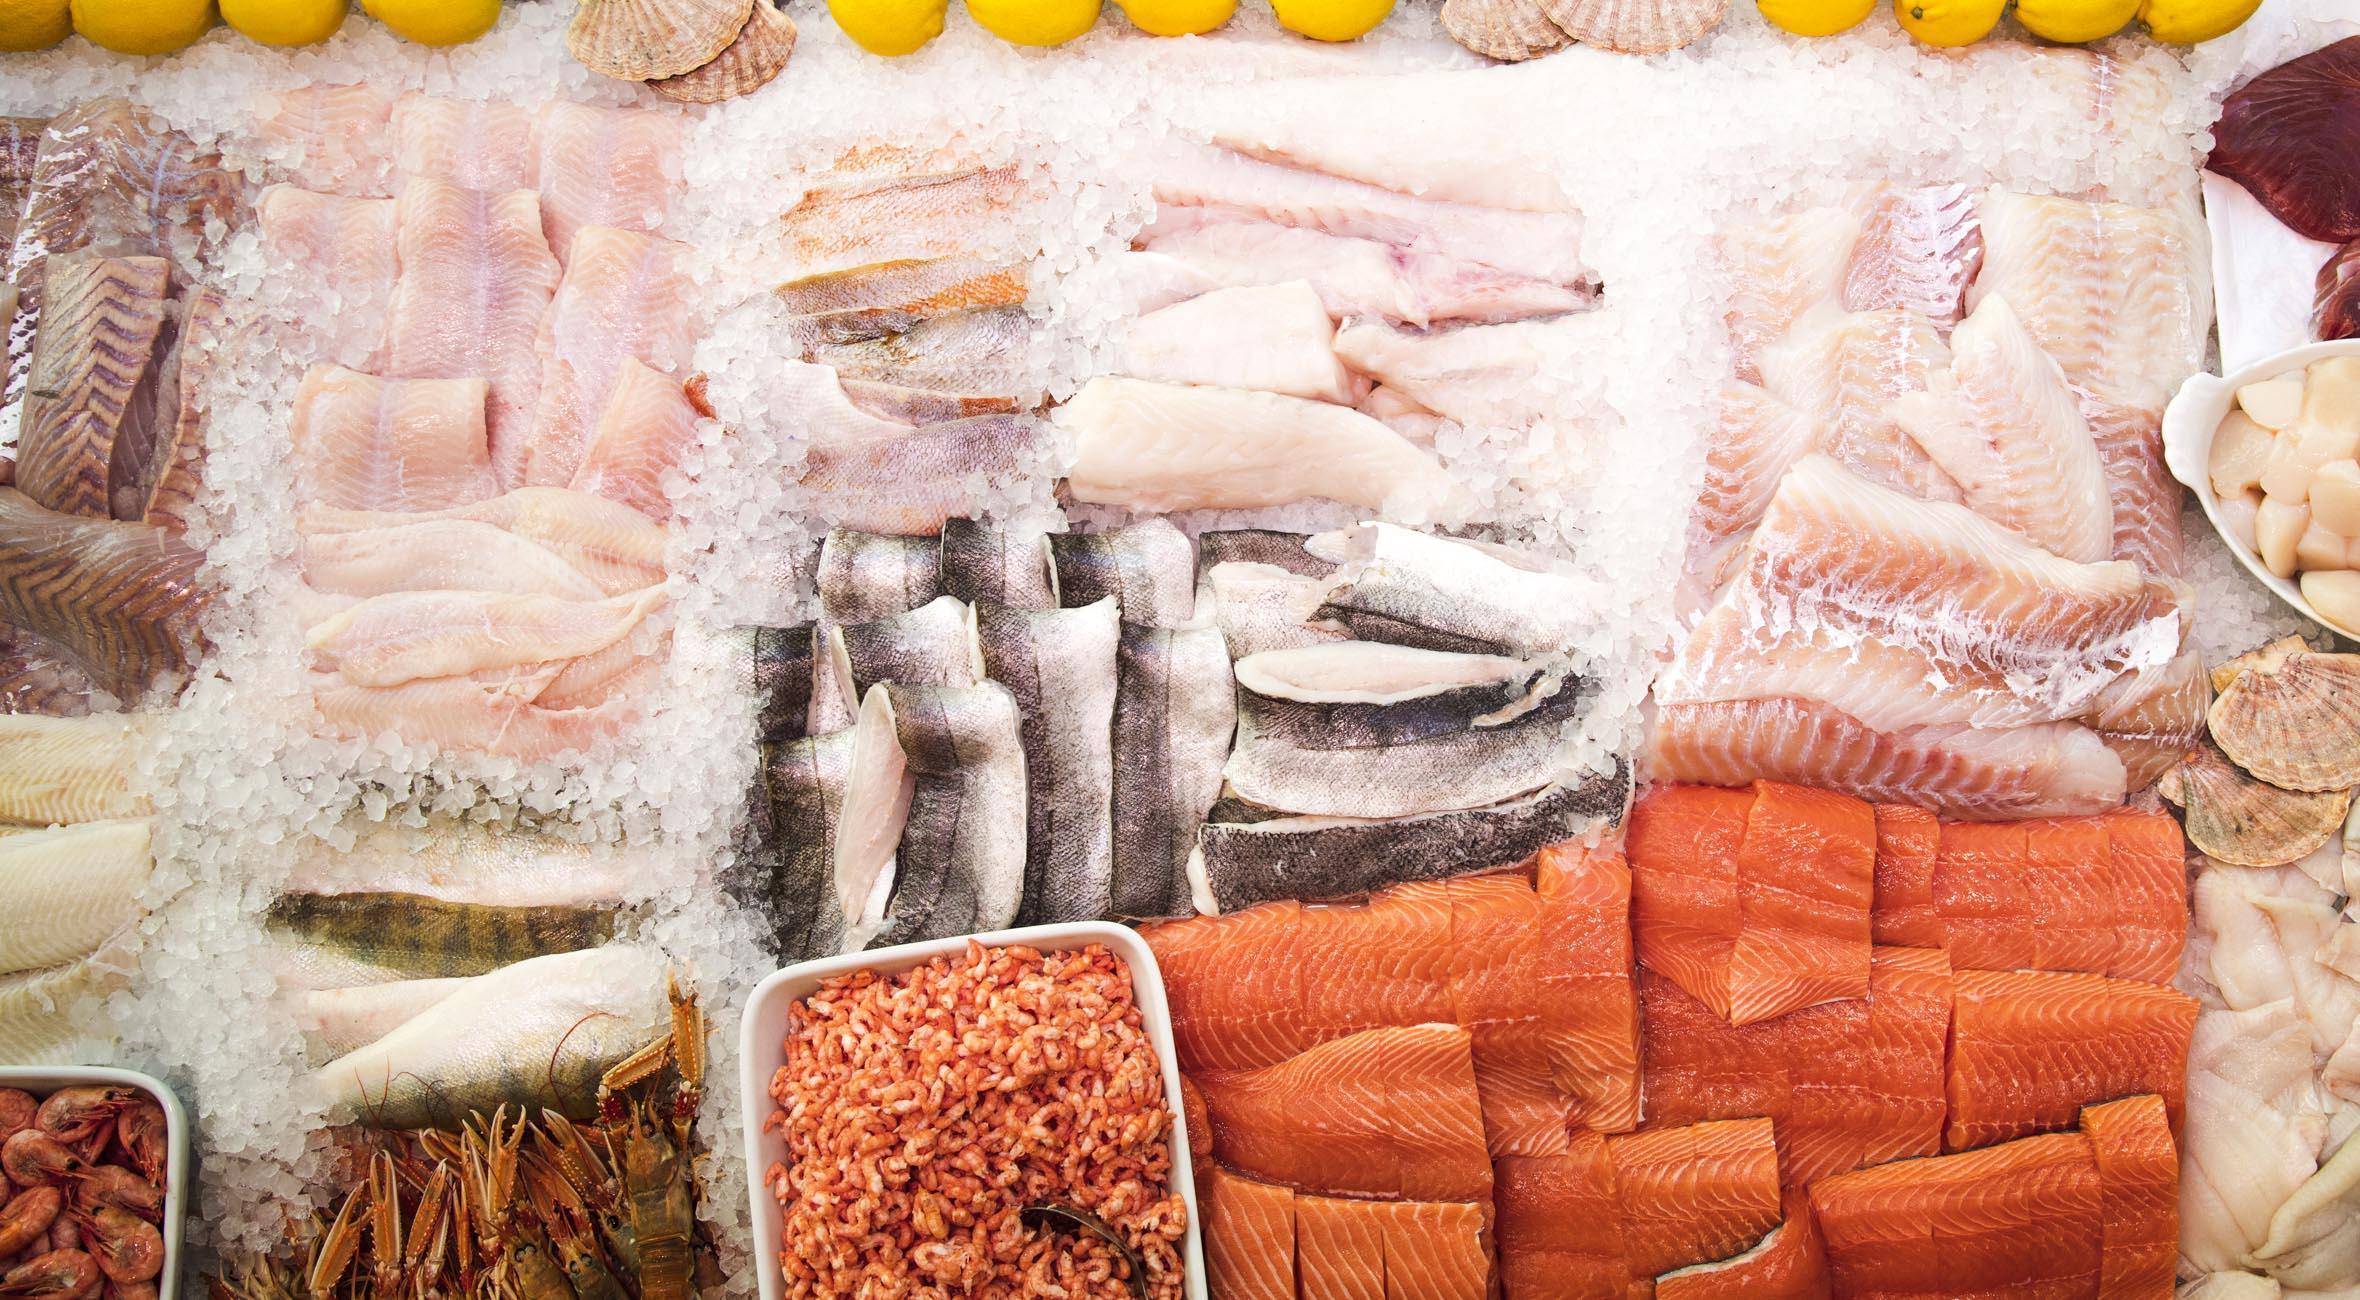 Frit valg til alt hos Kodan Fisk på Gl. Kongevej – Hæderkronet fiskeforretning byder på alt fra færøsk laks til fjordrejer, hummere, fiskefrikadeller og østers